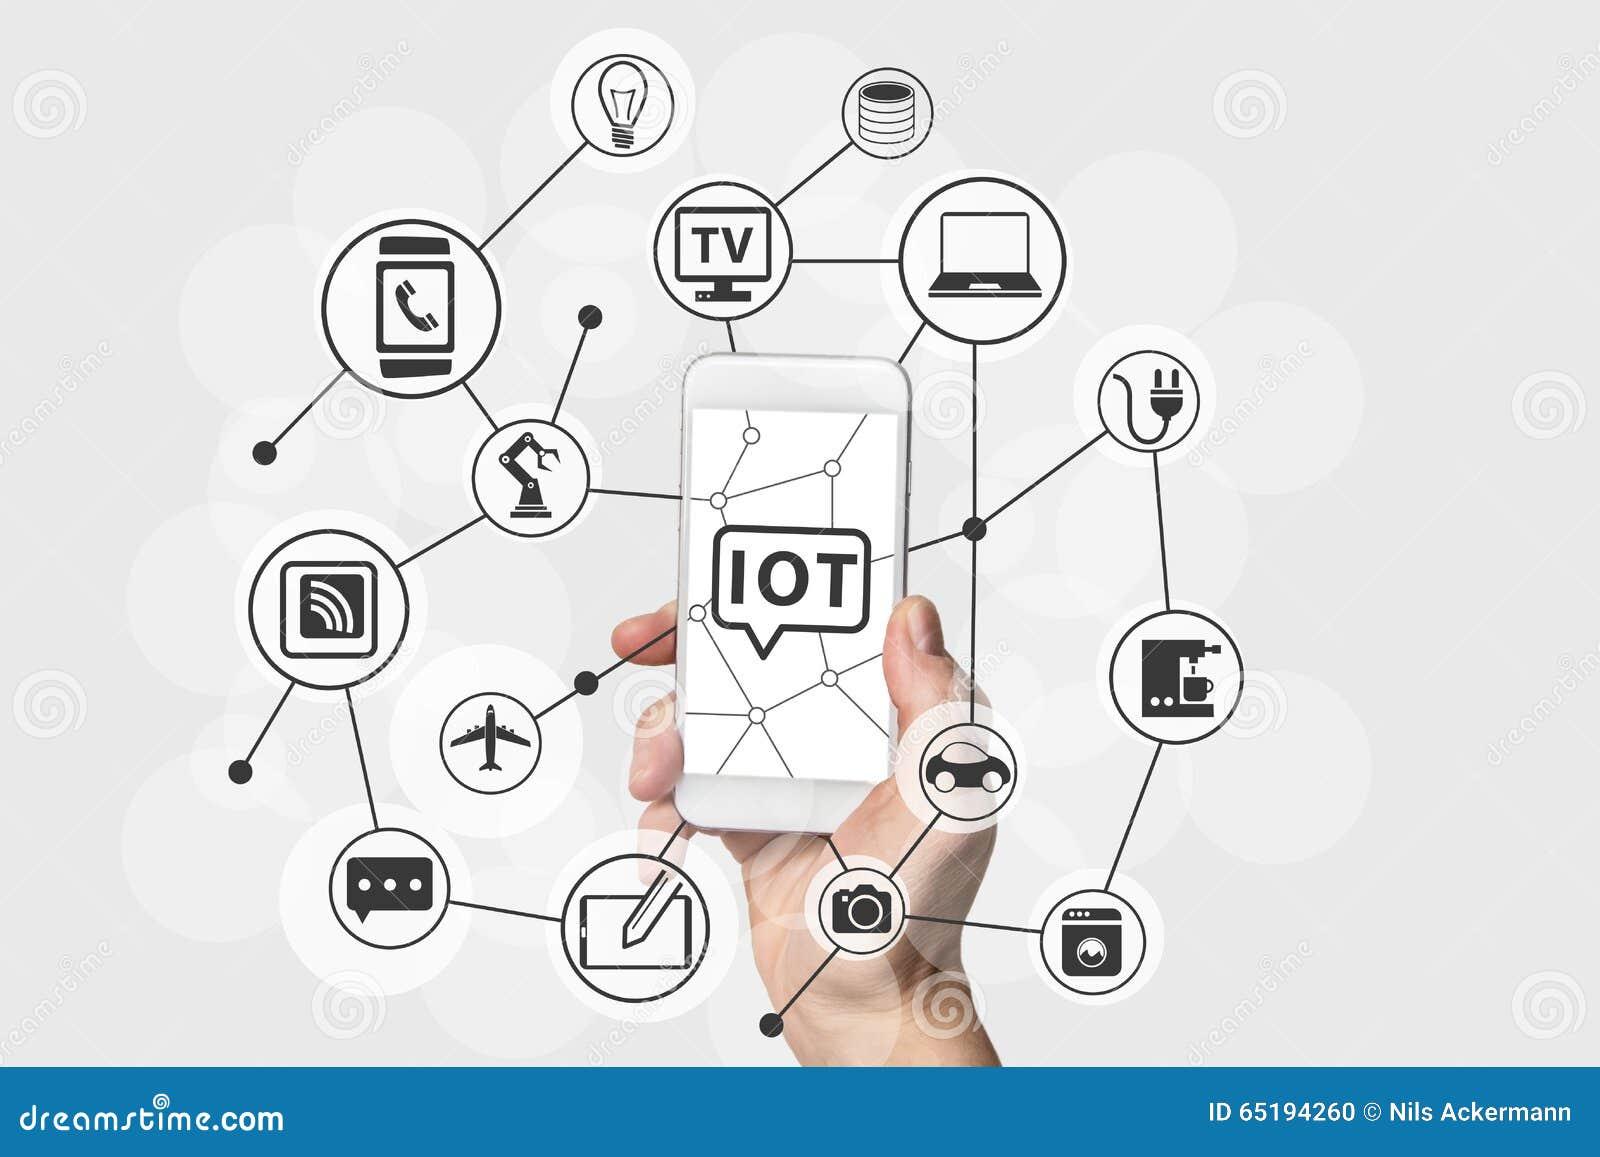 Internet del concepto de las cosas (IOT) con la mano que sostiene el teléfono elegante blanco y de plata moderno